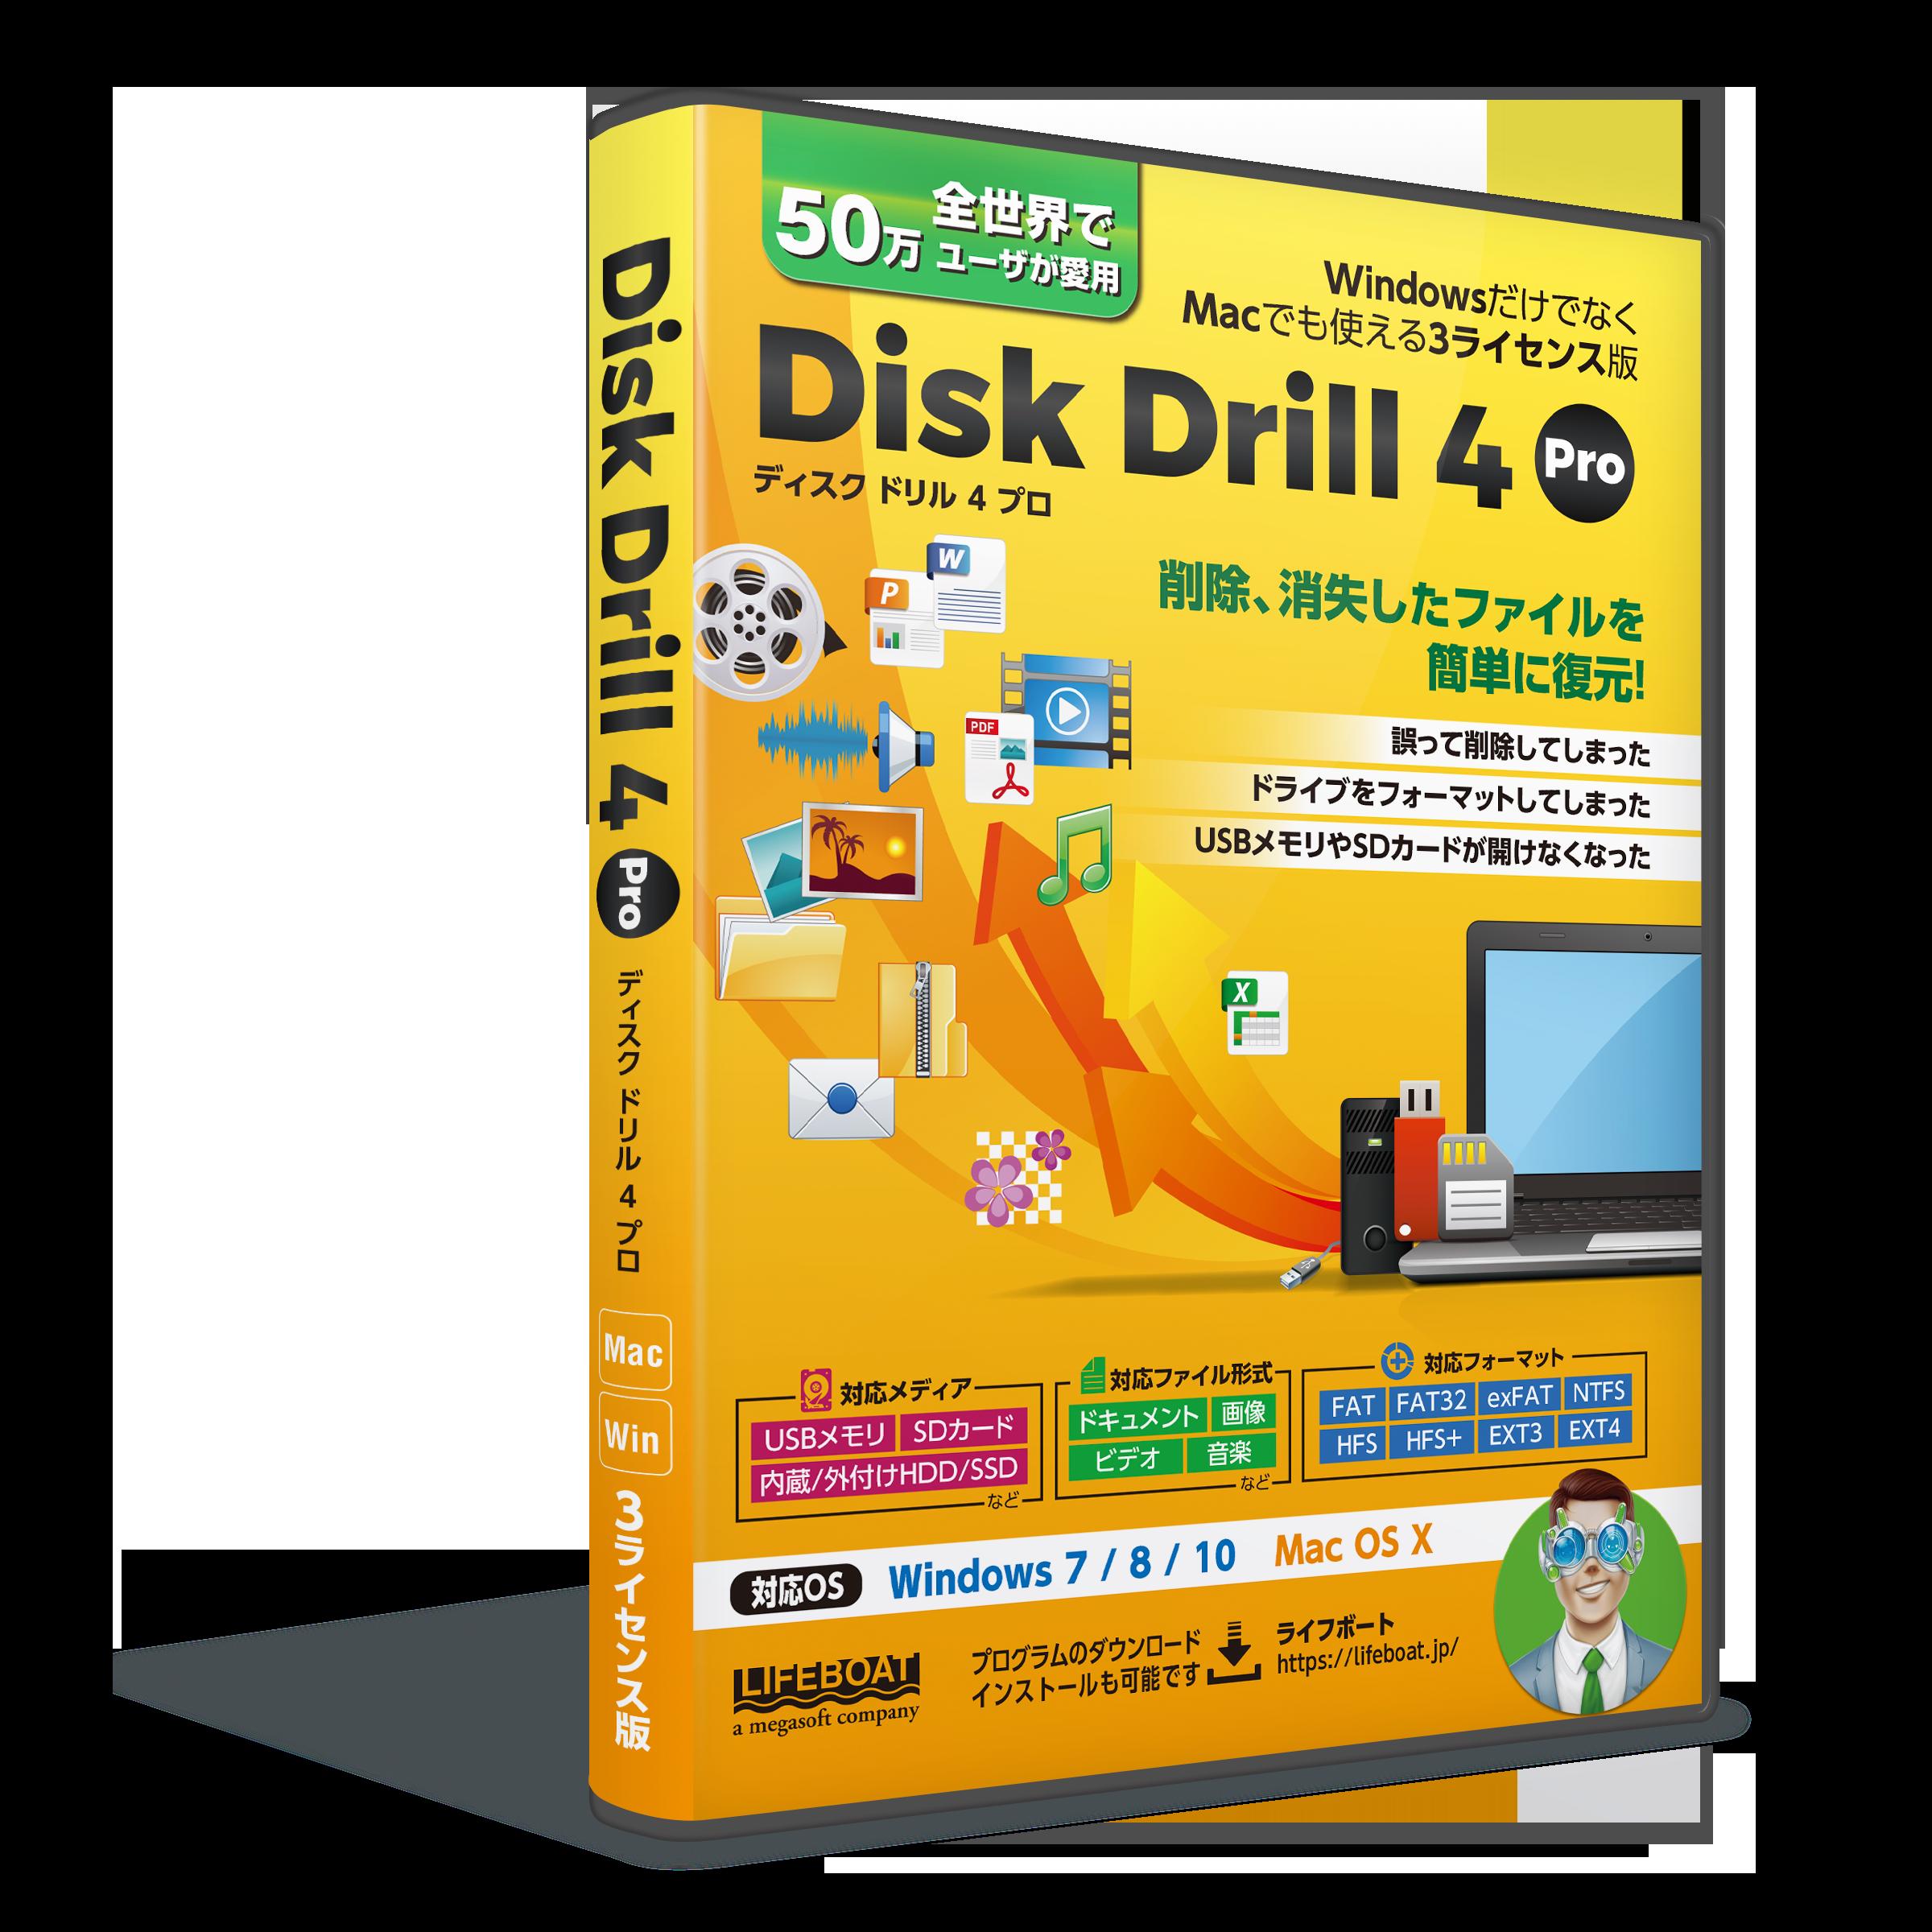 Mac対応のデータ復元ソフト「Disk Drill 4」が3月13日(土)より発売